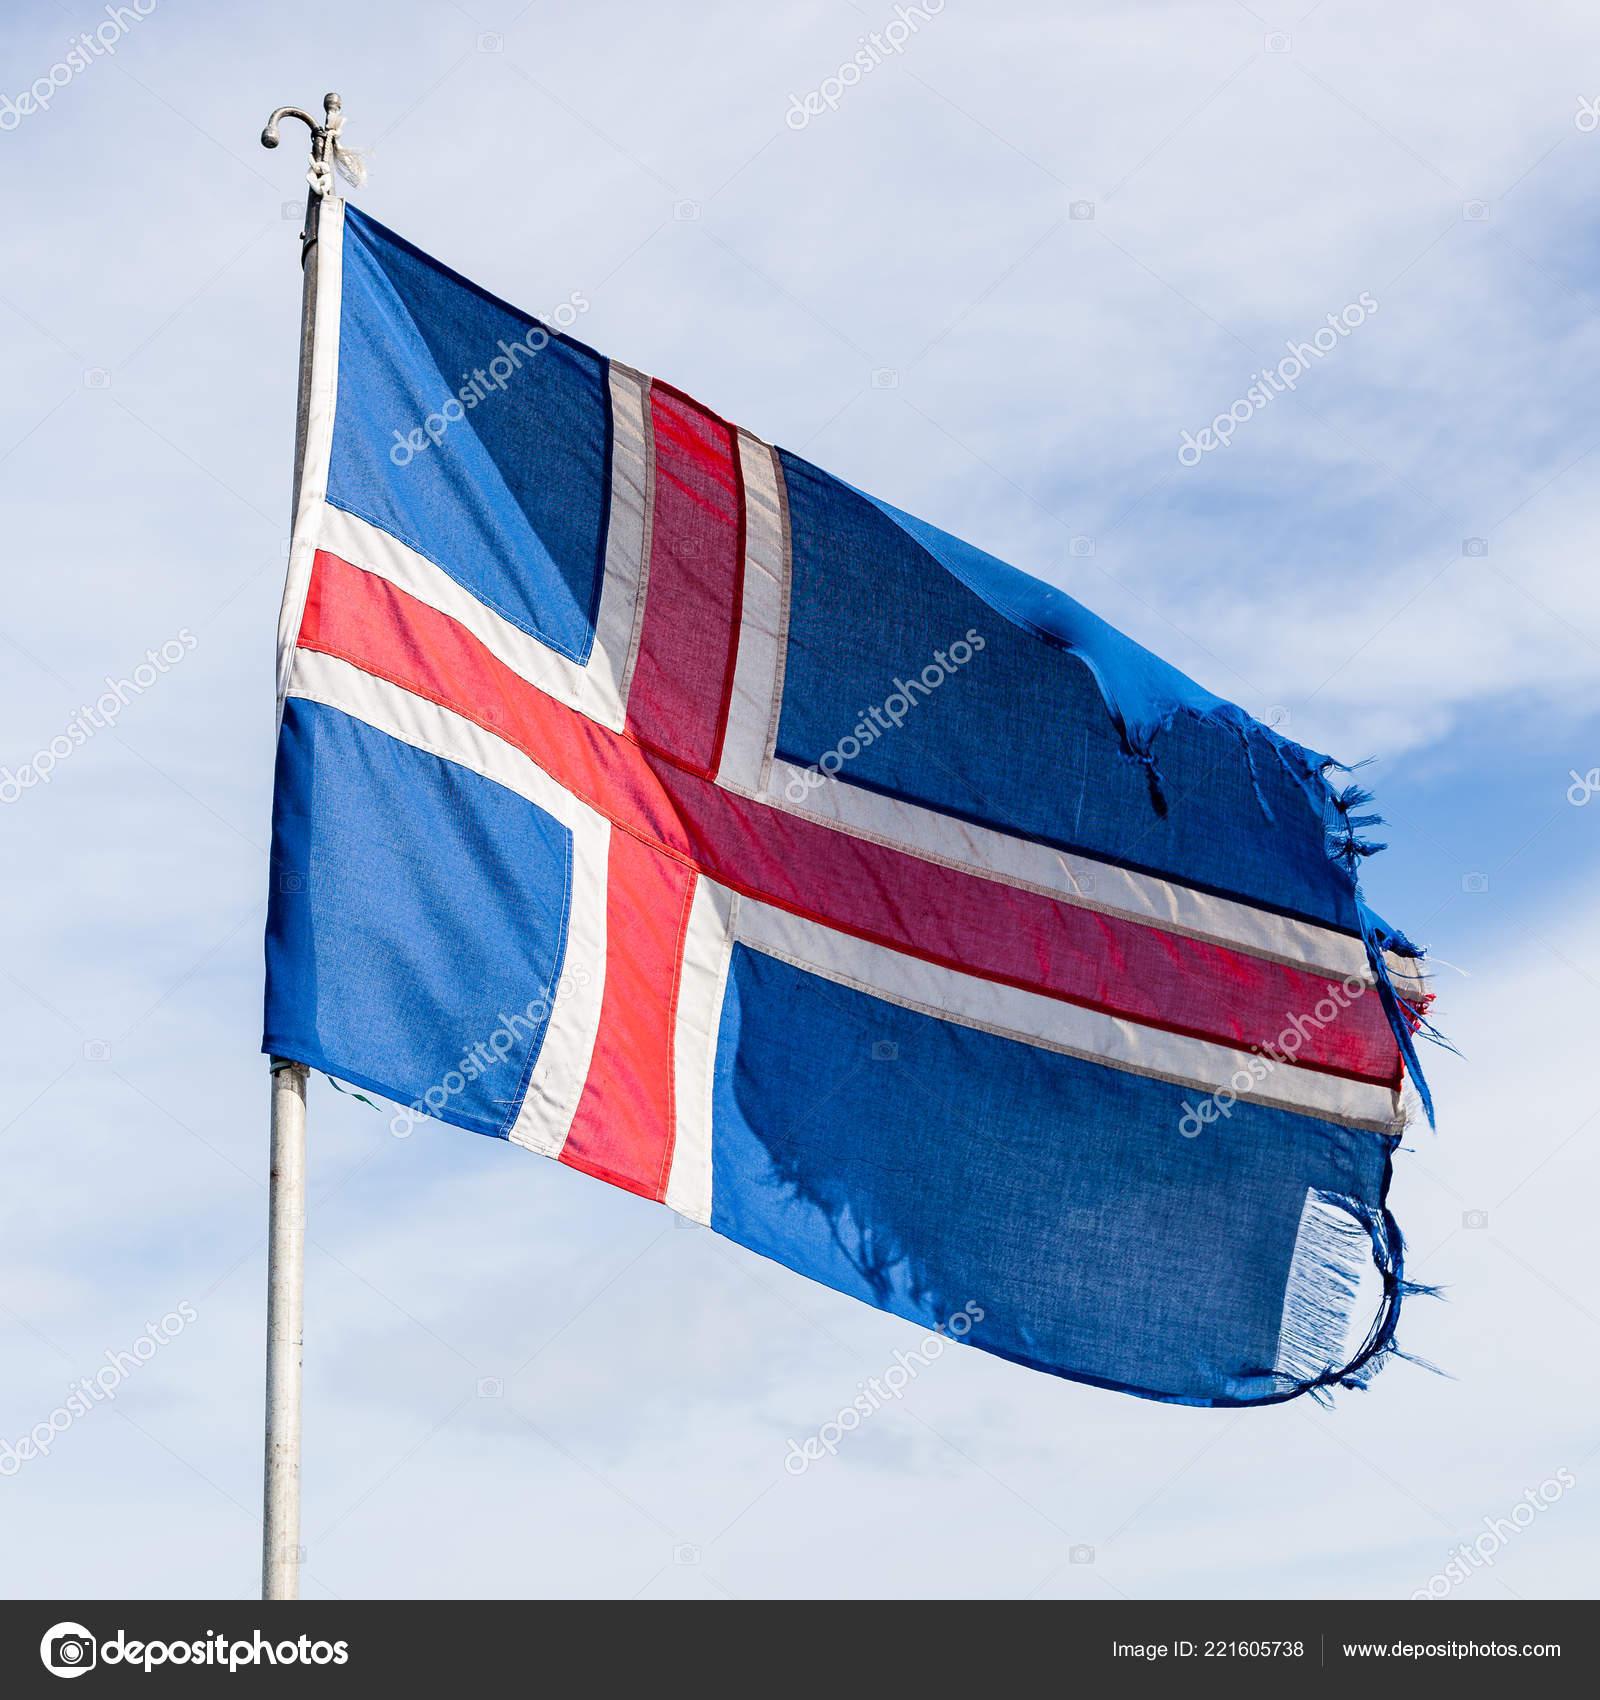 bandera roja y azul con una cruz blanca